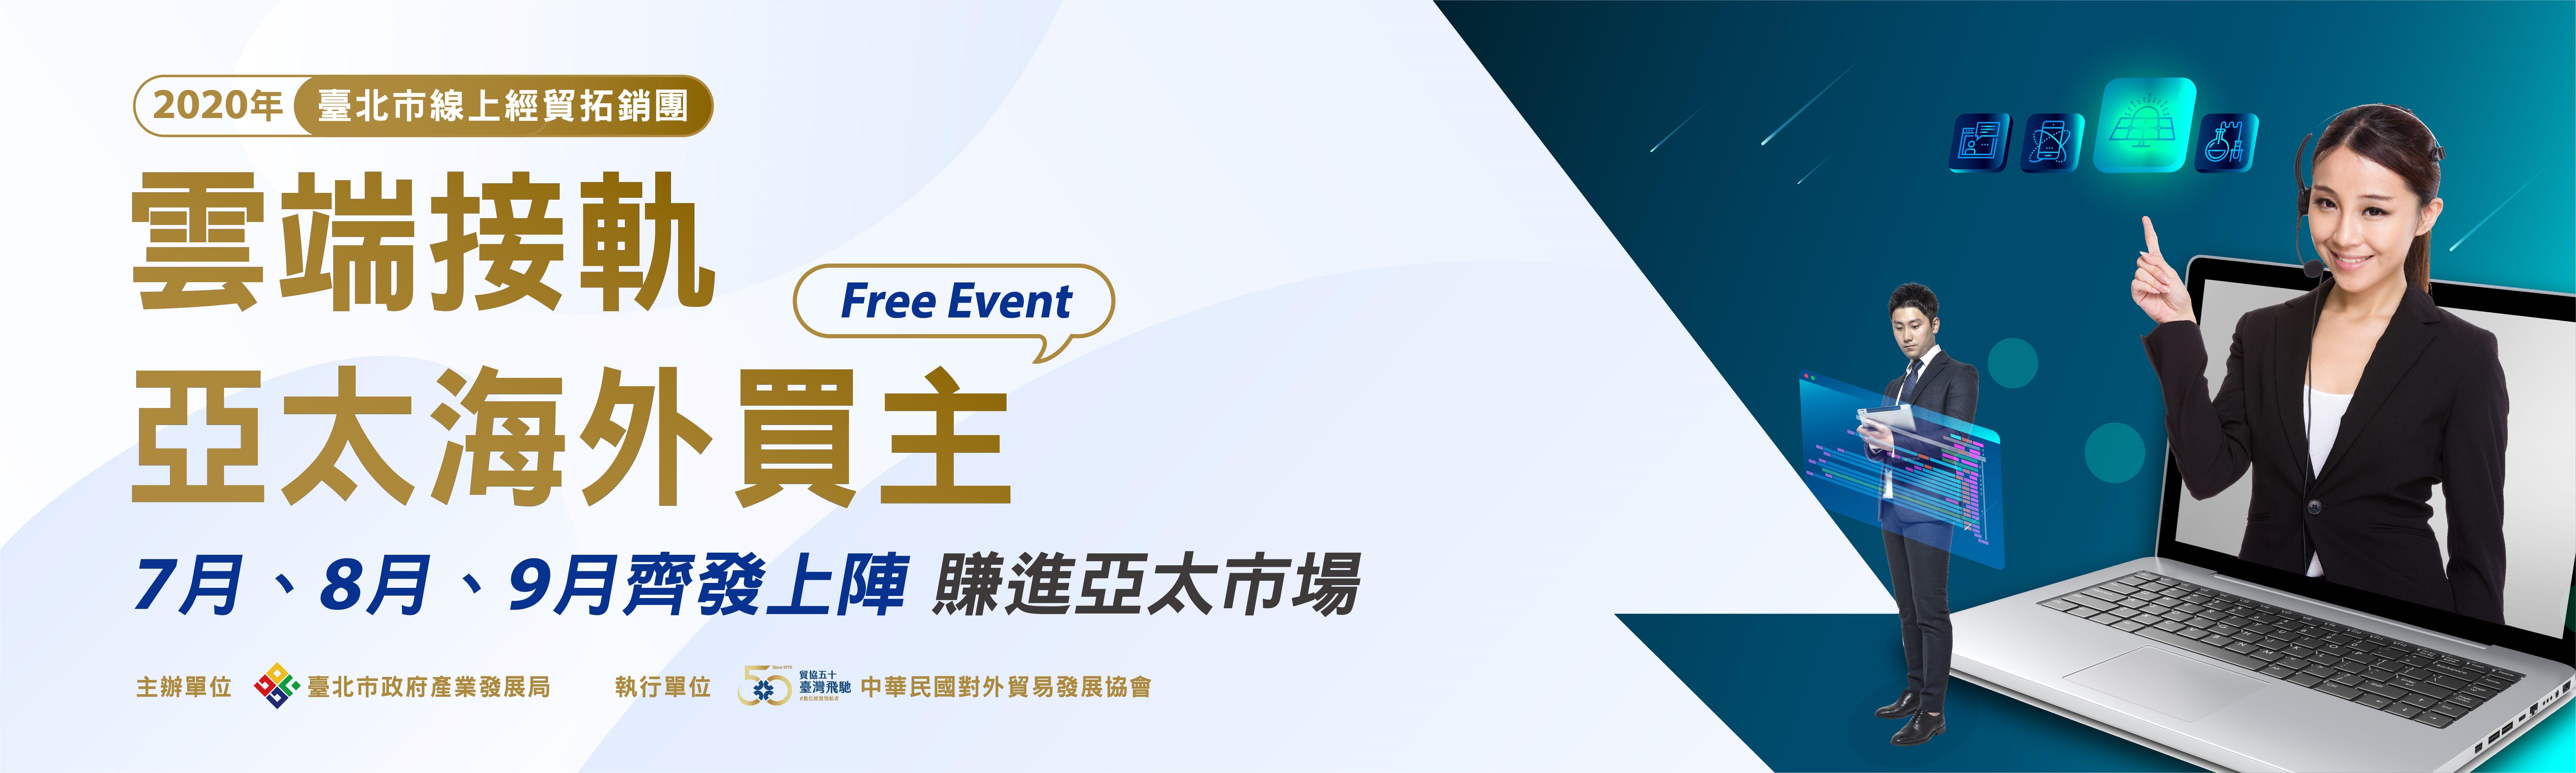 「2020臺北市線上經貿拓銷團」 助企業一次搞定多國商機